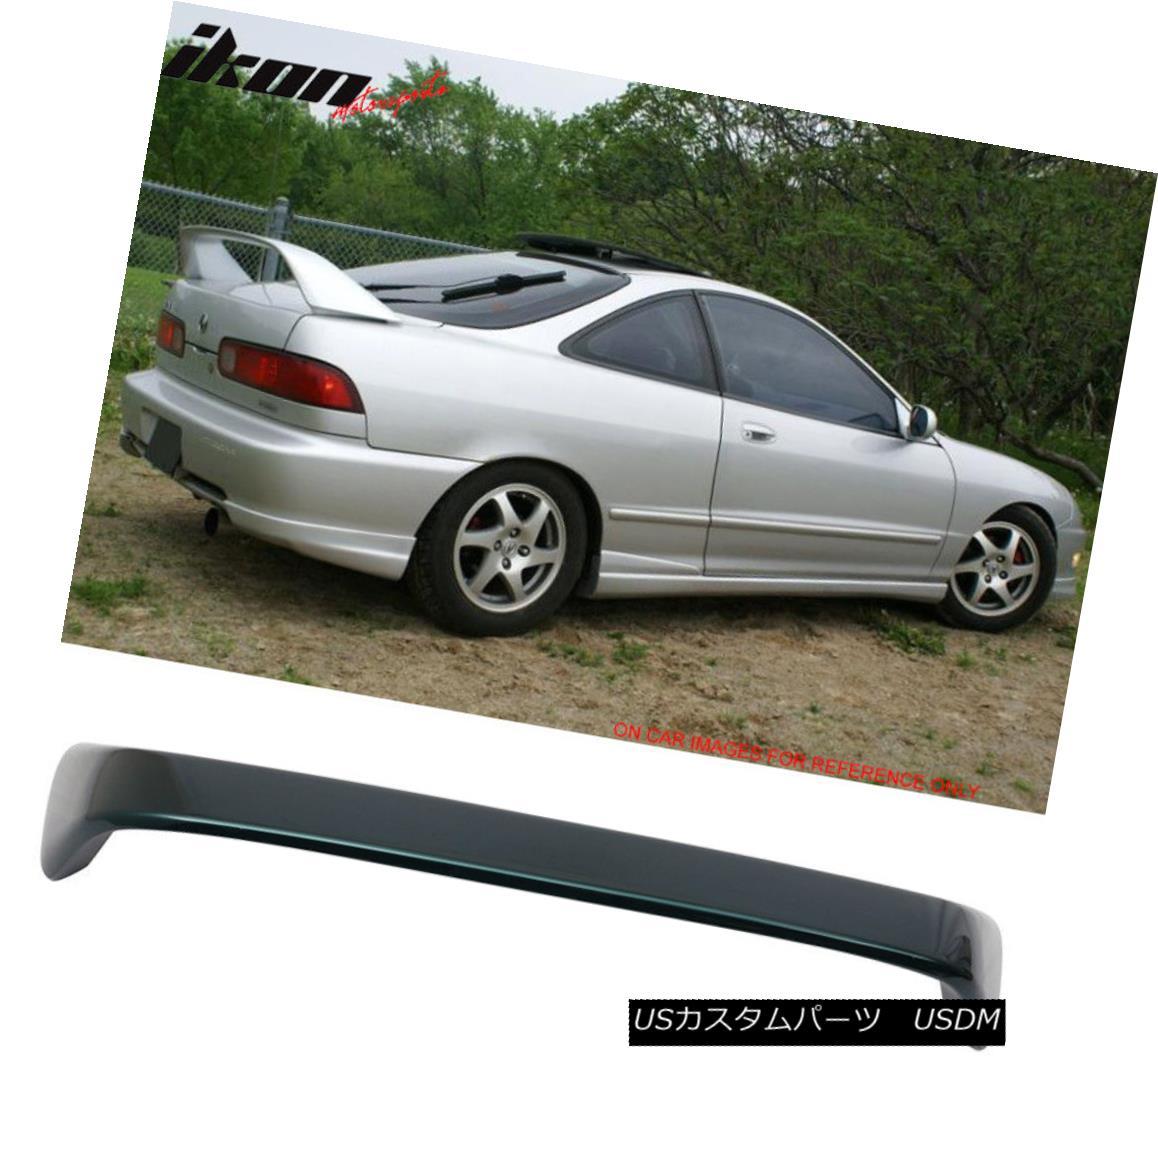 エアロパーツ 94-01 Acura Integra Type R Trunk Spoiler Wing Painted #G82P Cypress Green Pearl 94-01 Acura IntegraタイプRトランク・スポイラー・ウイング・ペイント#G82Pサイプレス・グリーン・パール